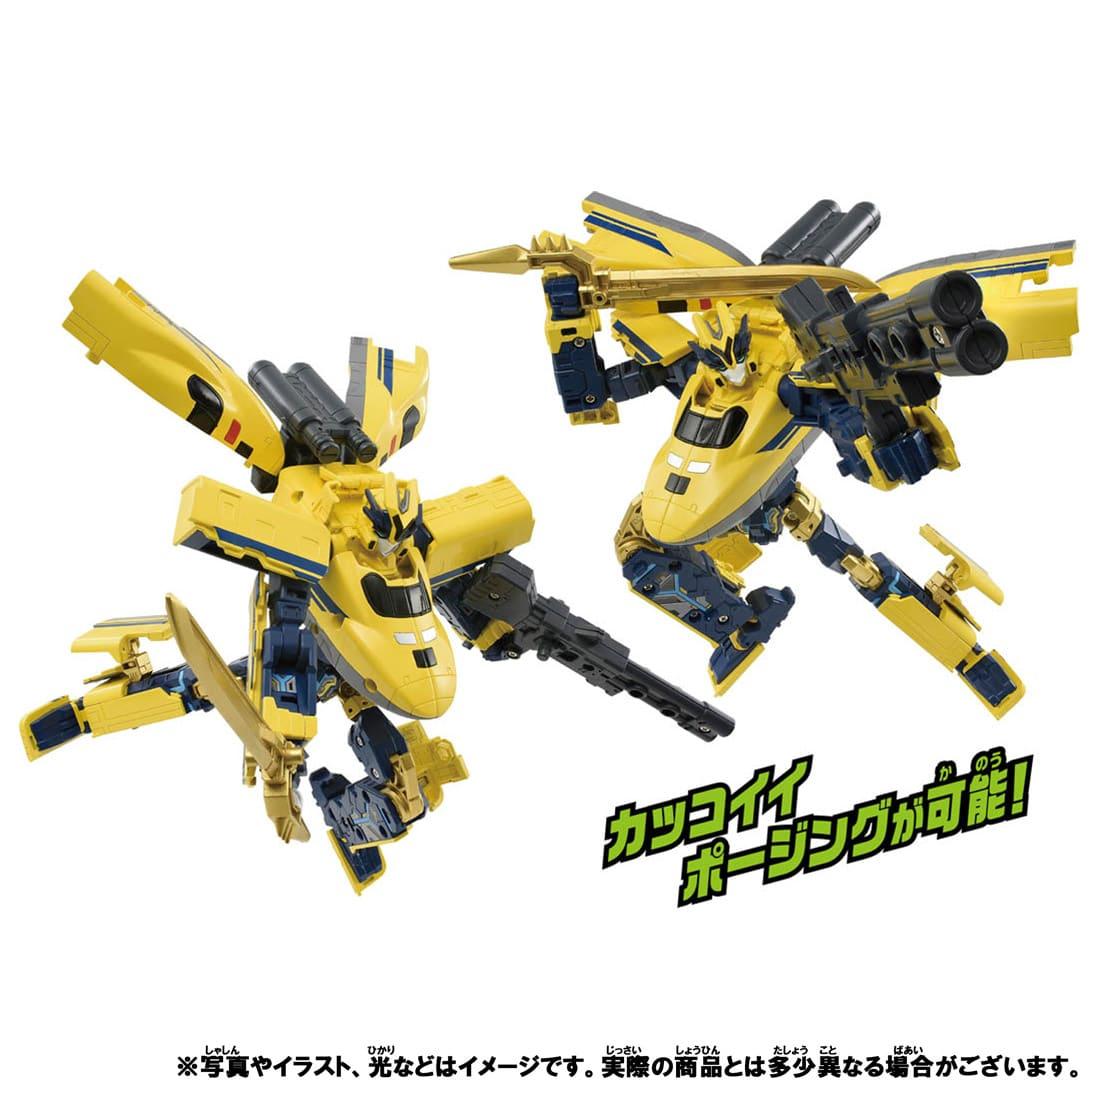 新幹線変形ロボ シンカリオンZ『シンカリオンZ ドクターイエロー』可変合体プラレール-006